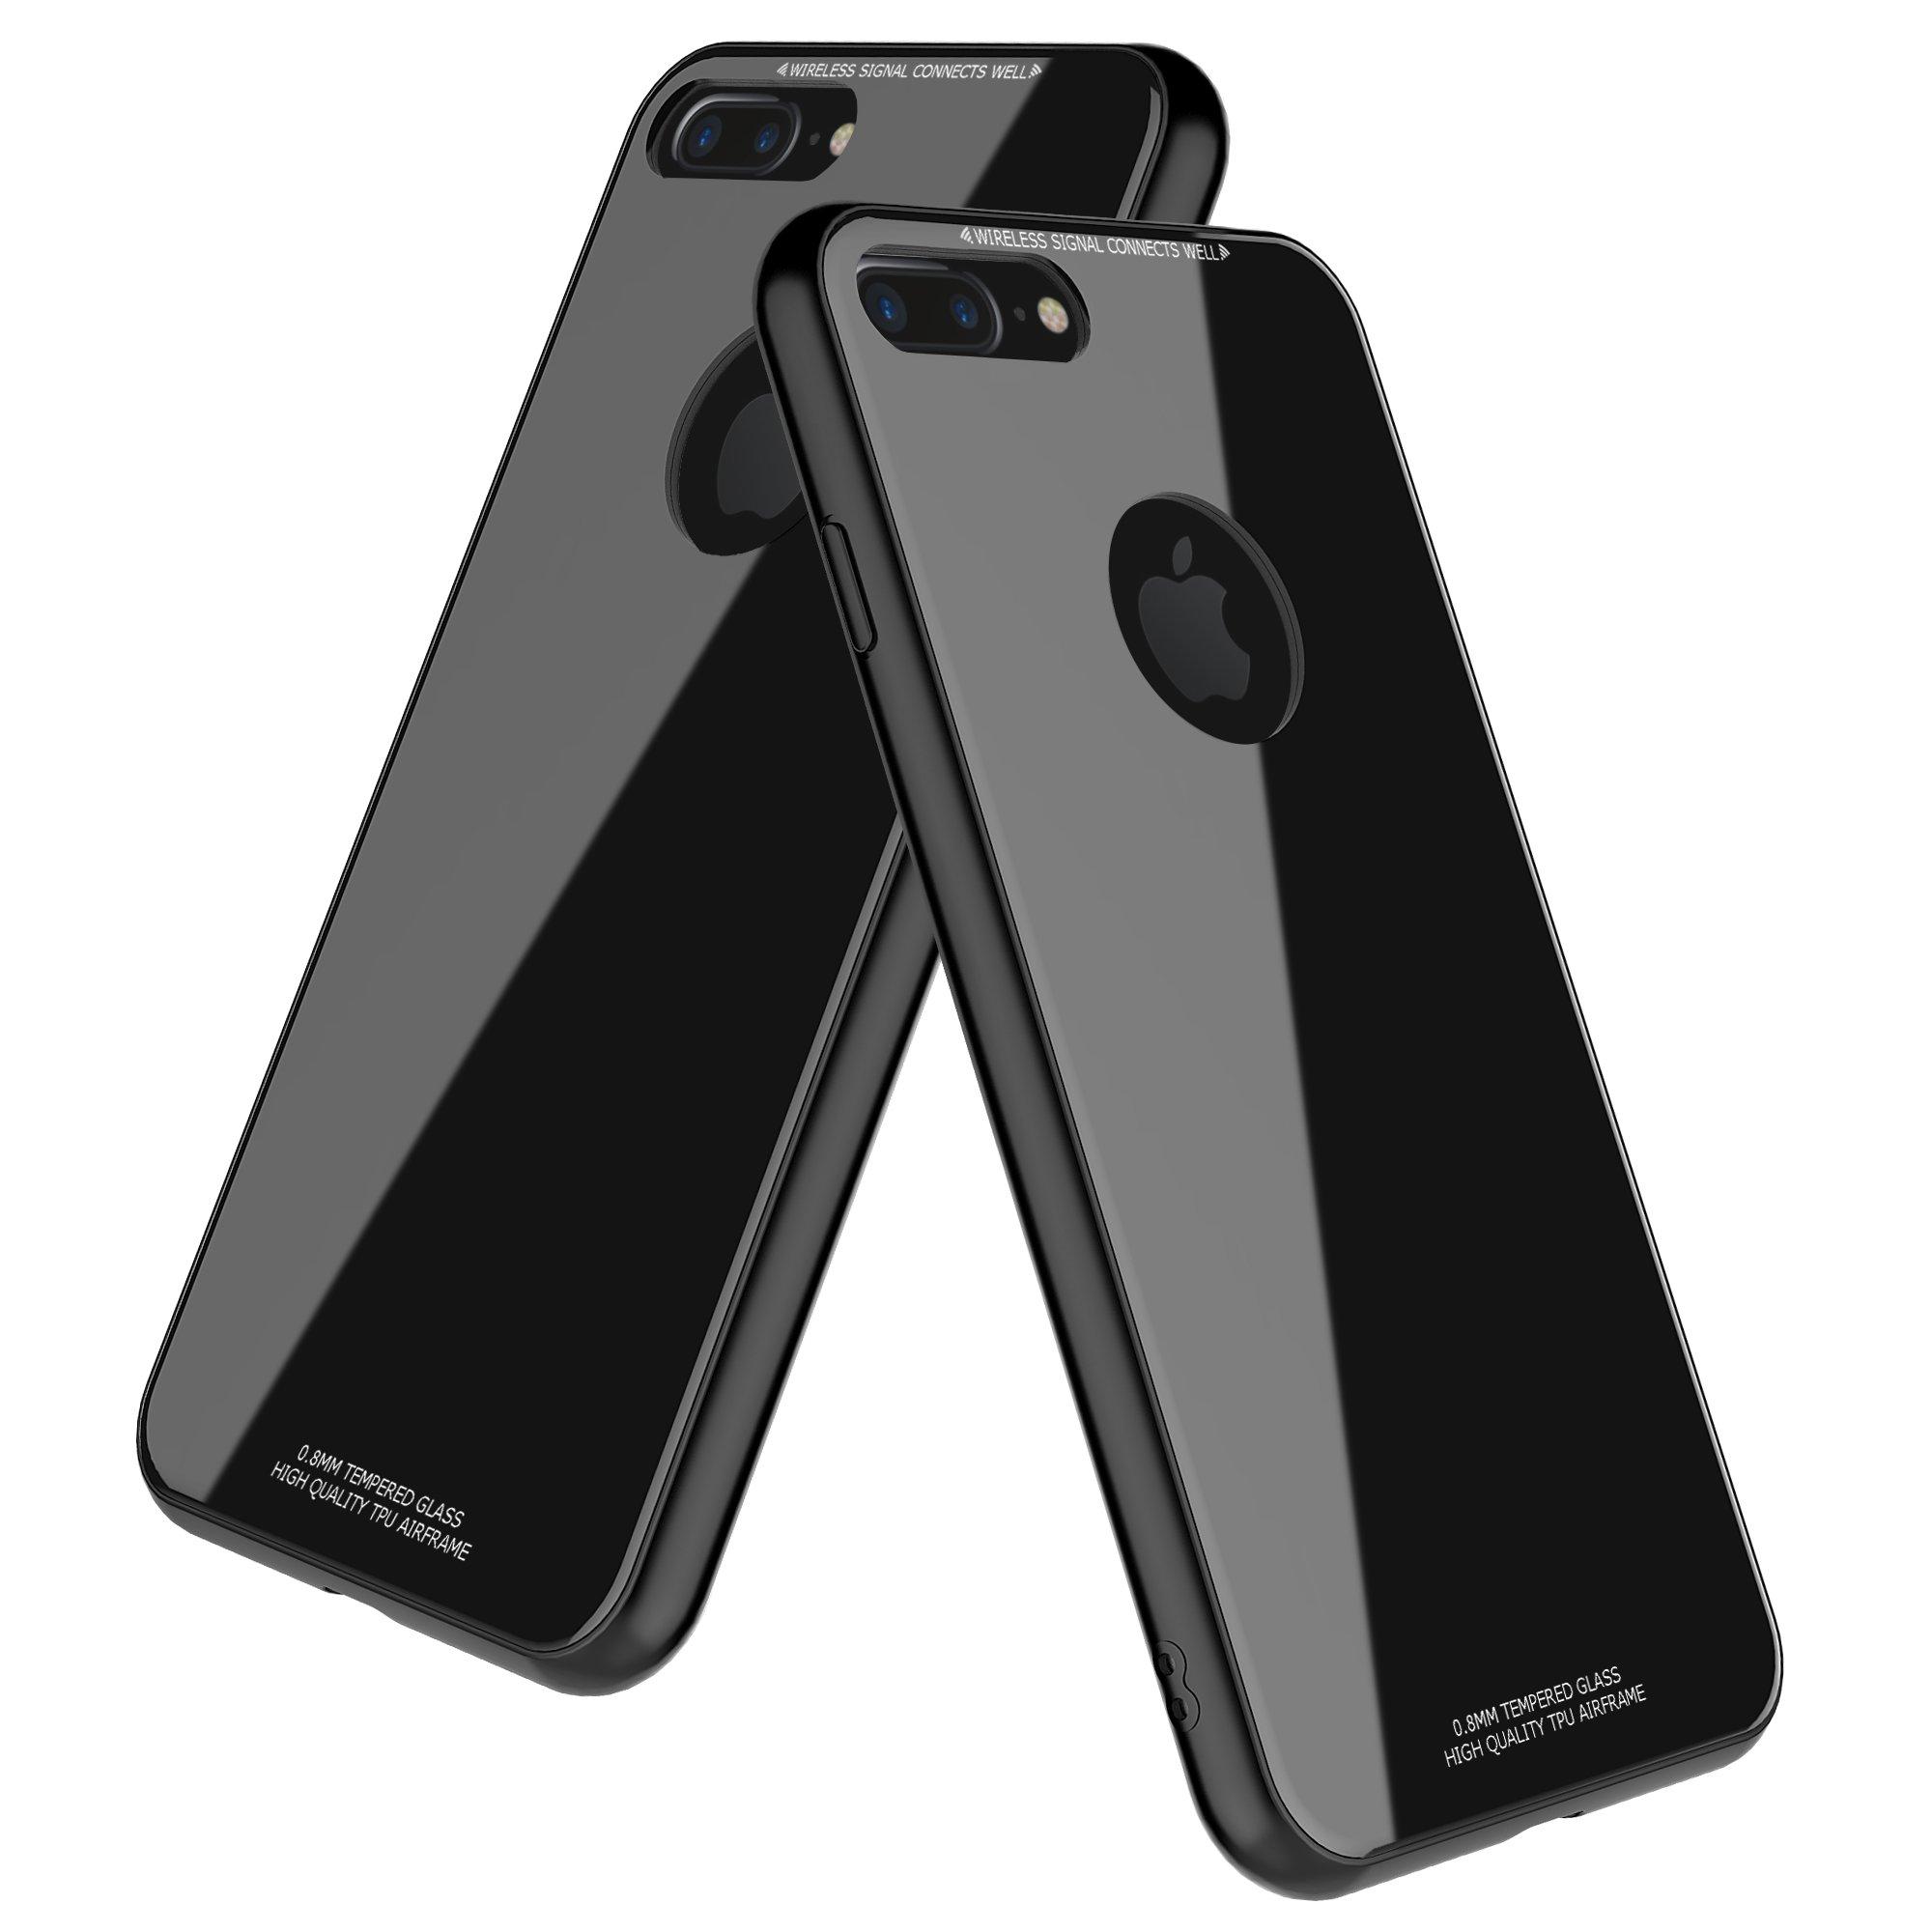 iPhone 8 plus Case,Despot_ak,Tempered Glass Back Plate and Soft TPU Gel Bumper-Black